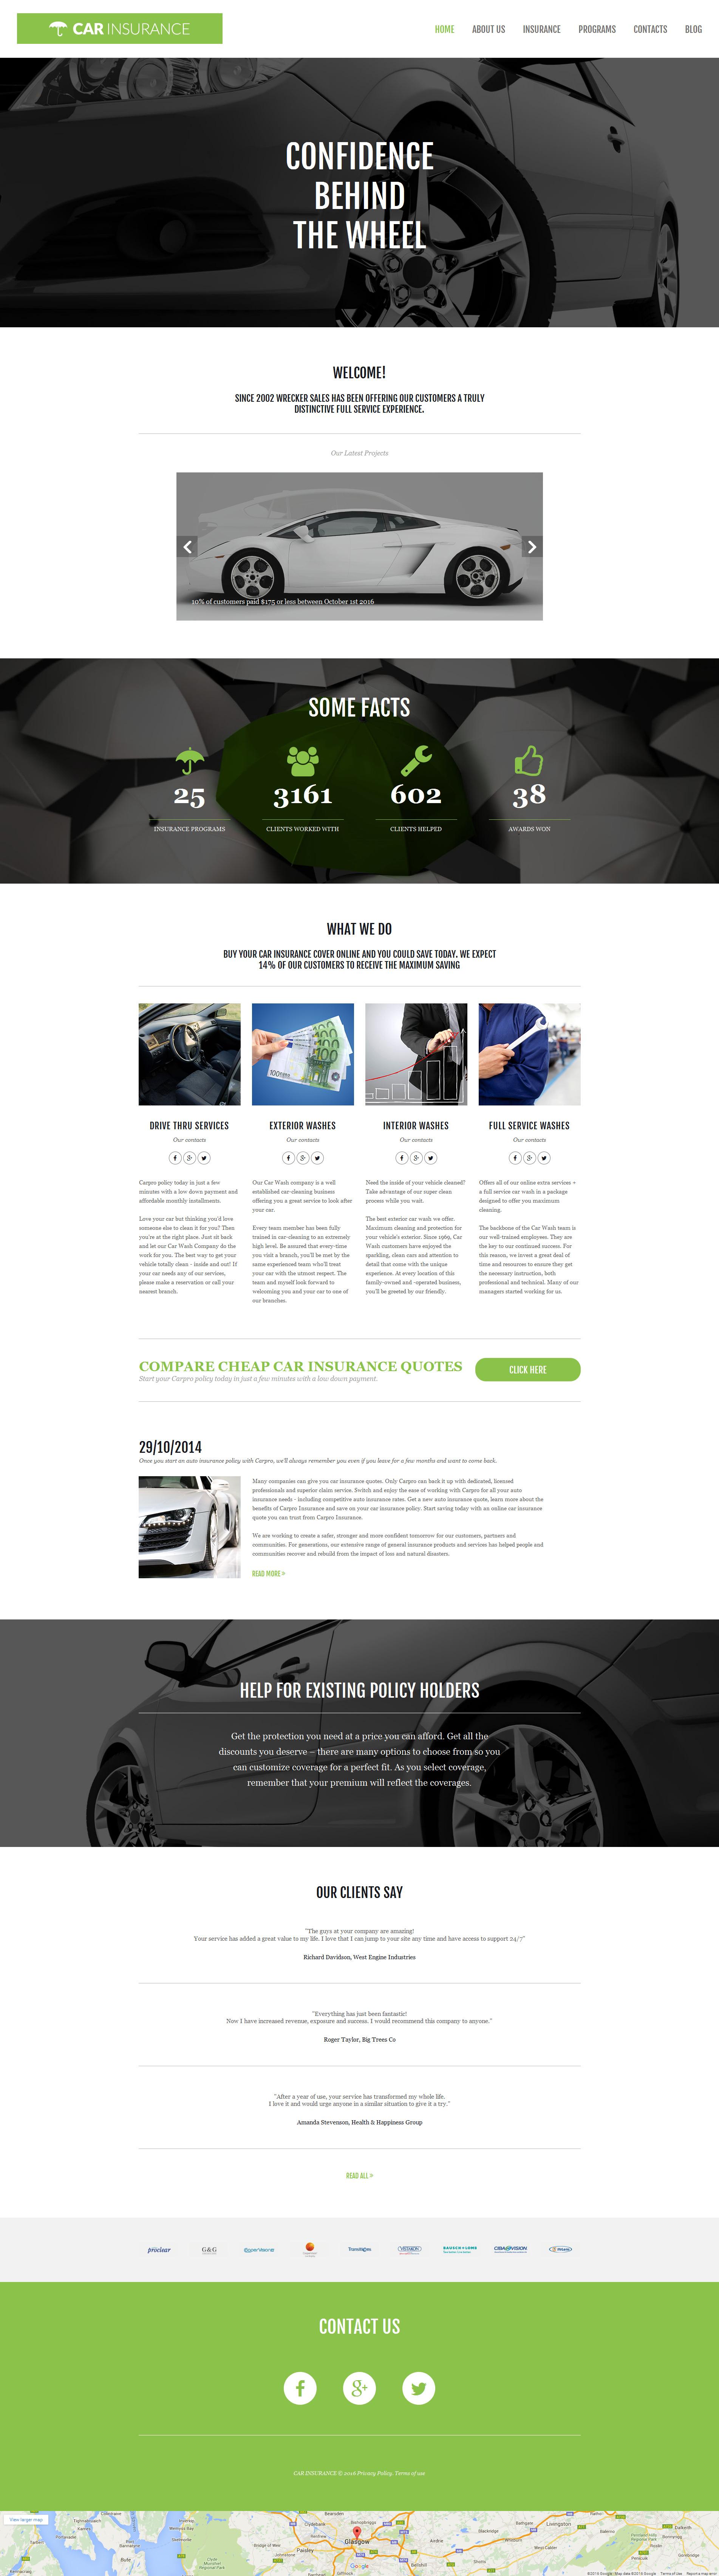 Reszponzív Autóbiztosítási Moto CMS 3 sablon 58681